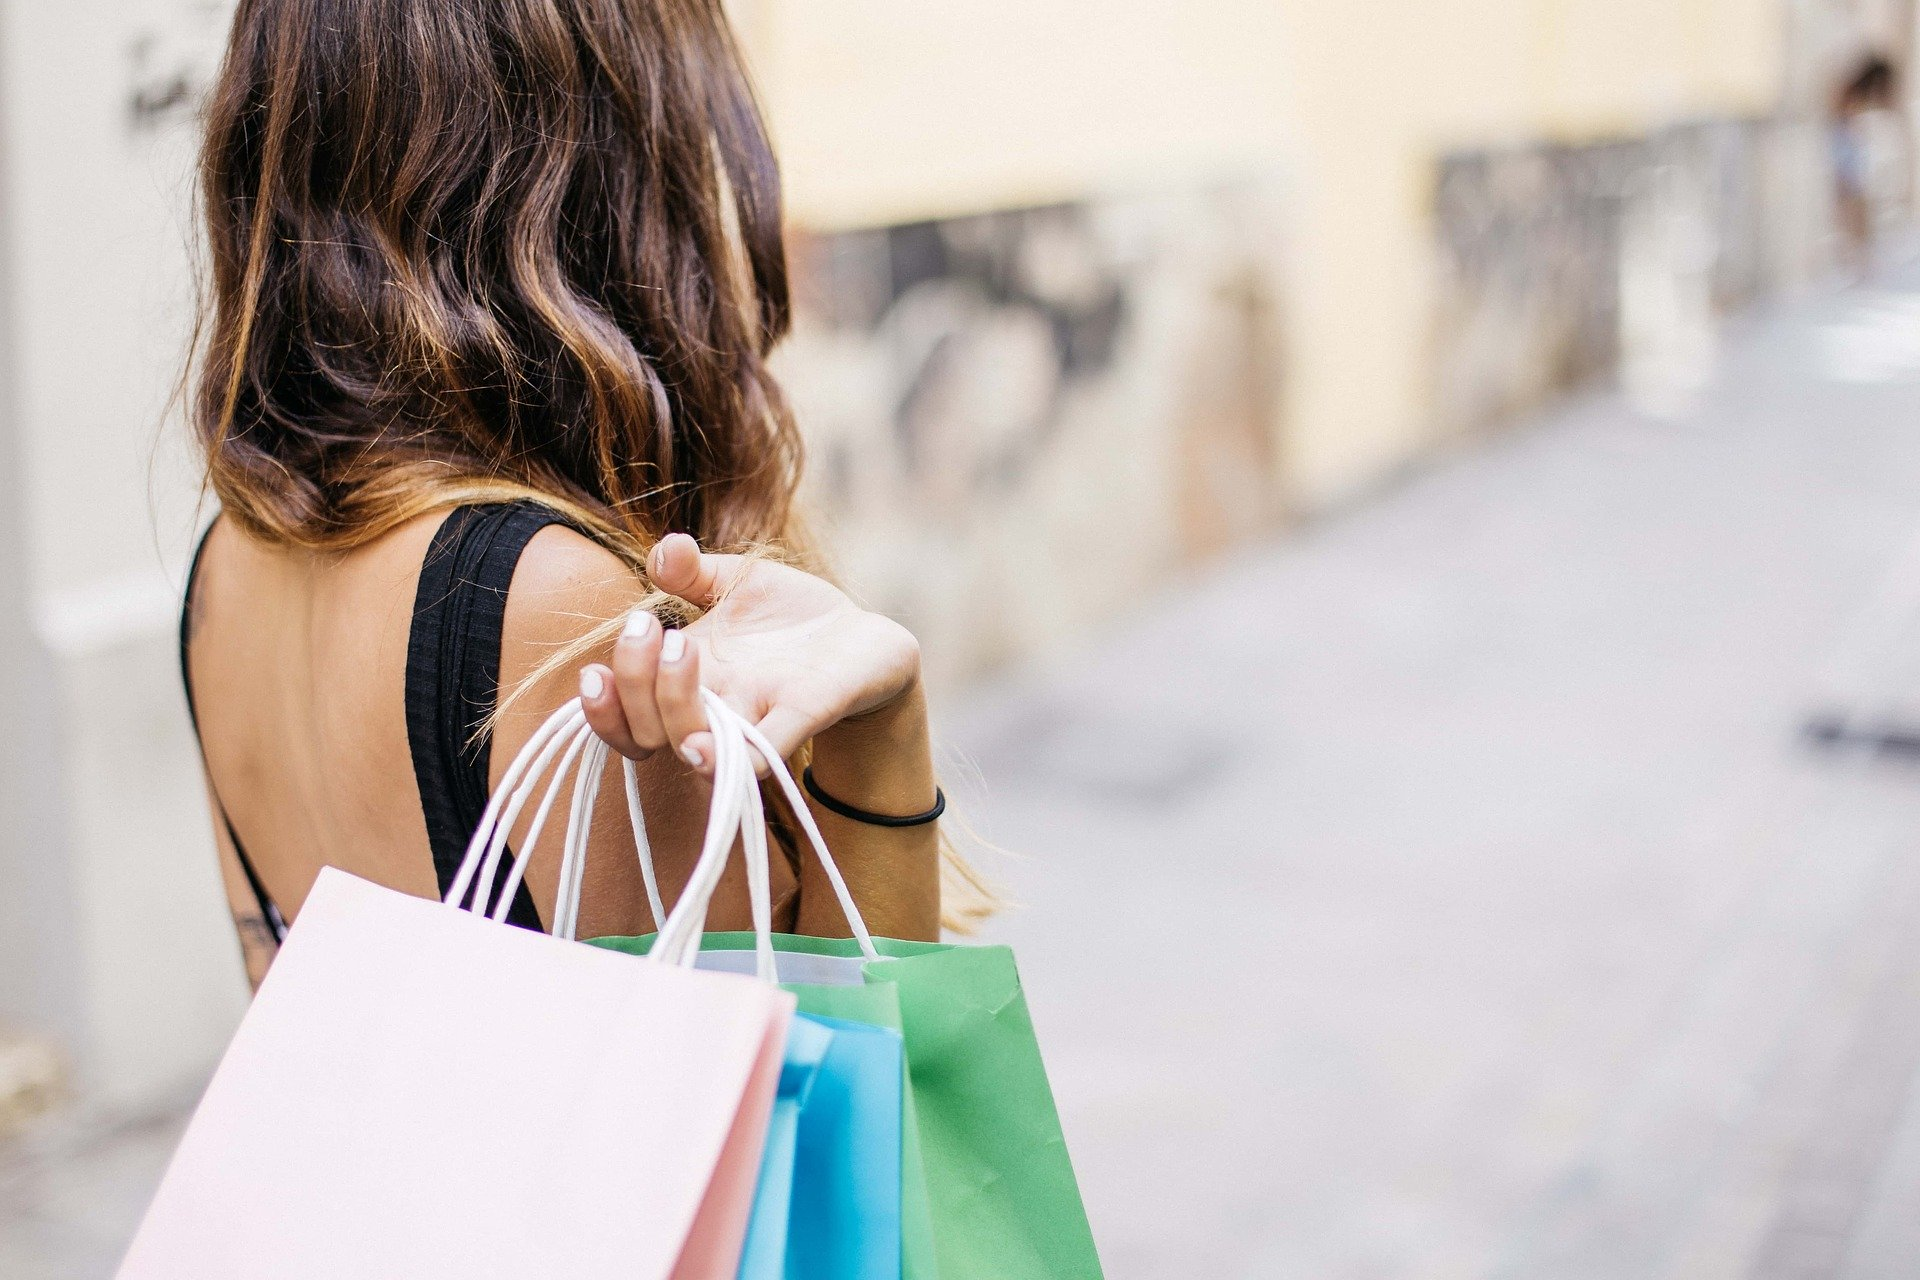 Ung kvinde med indkøbsposer over den ene skulder